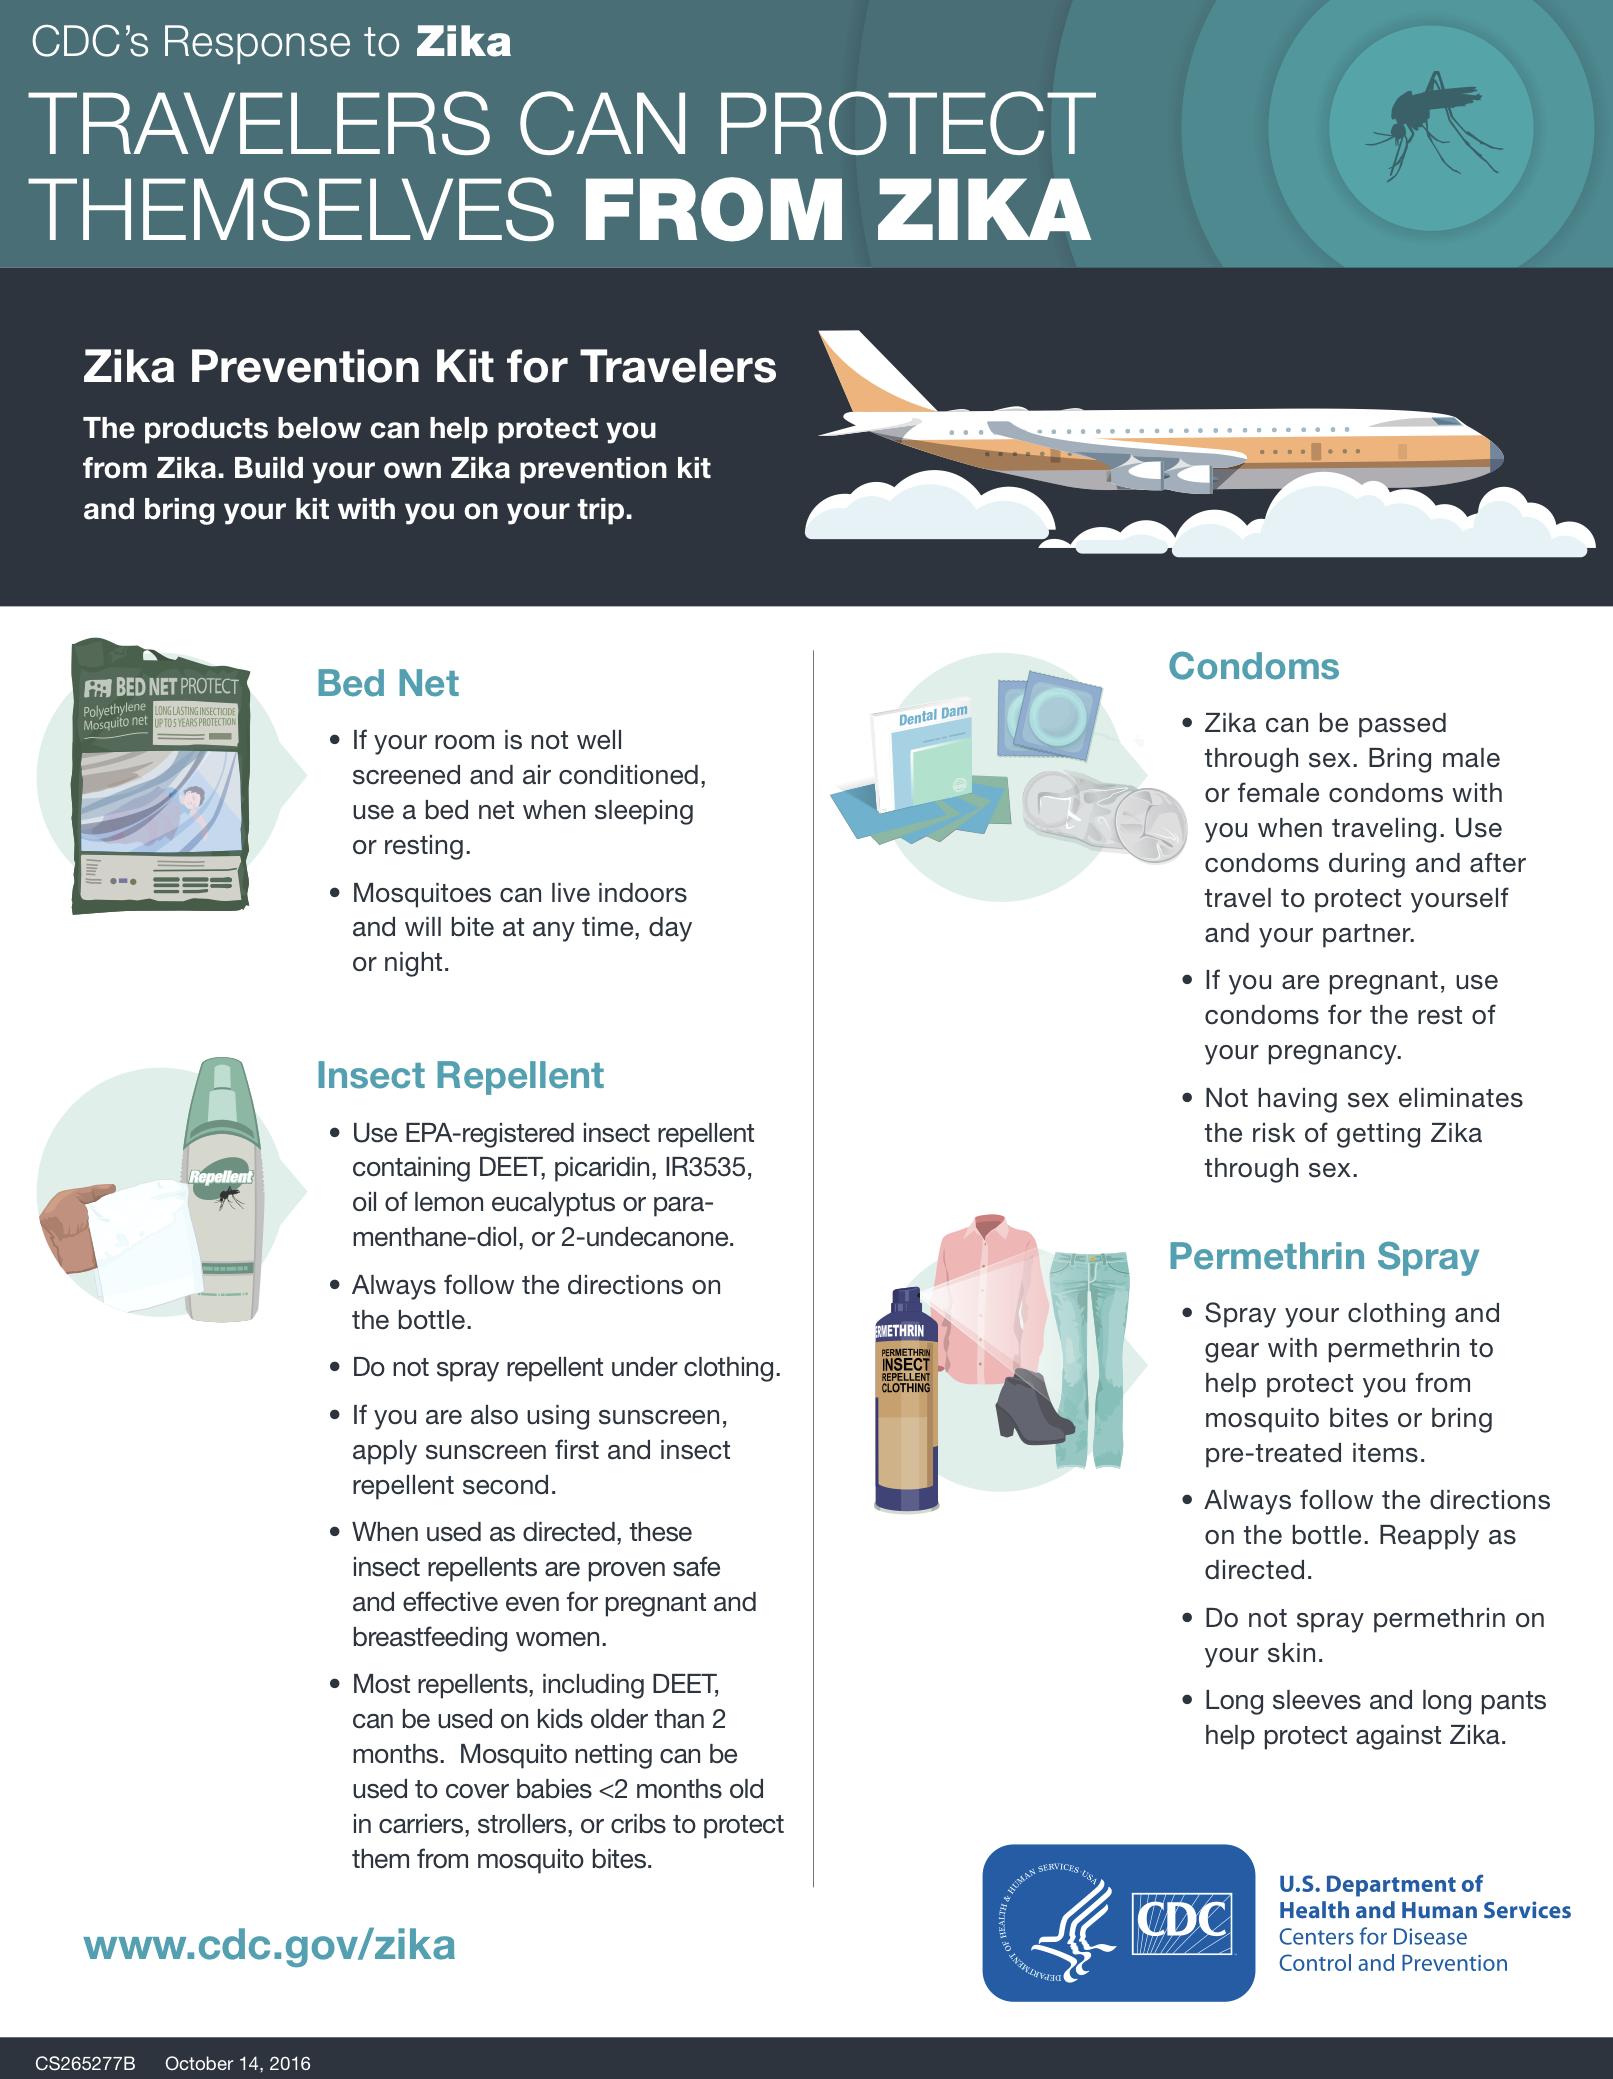 Zika Prevention Kit for Travelers